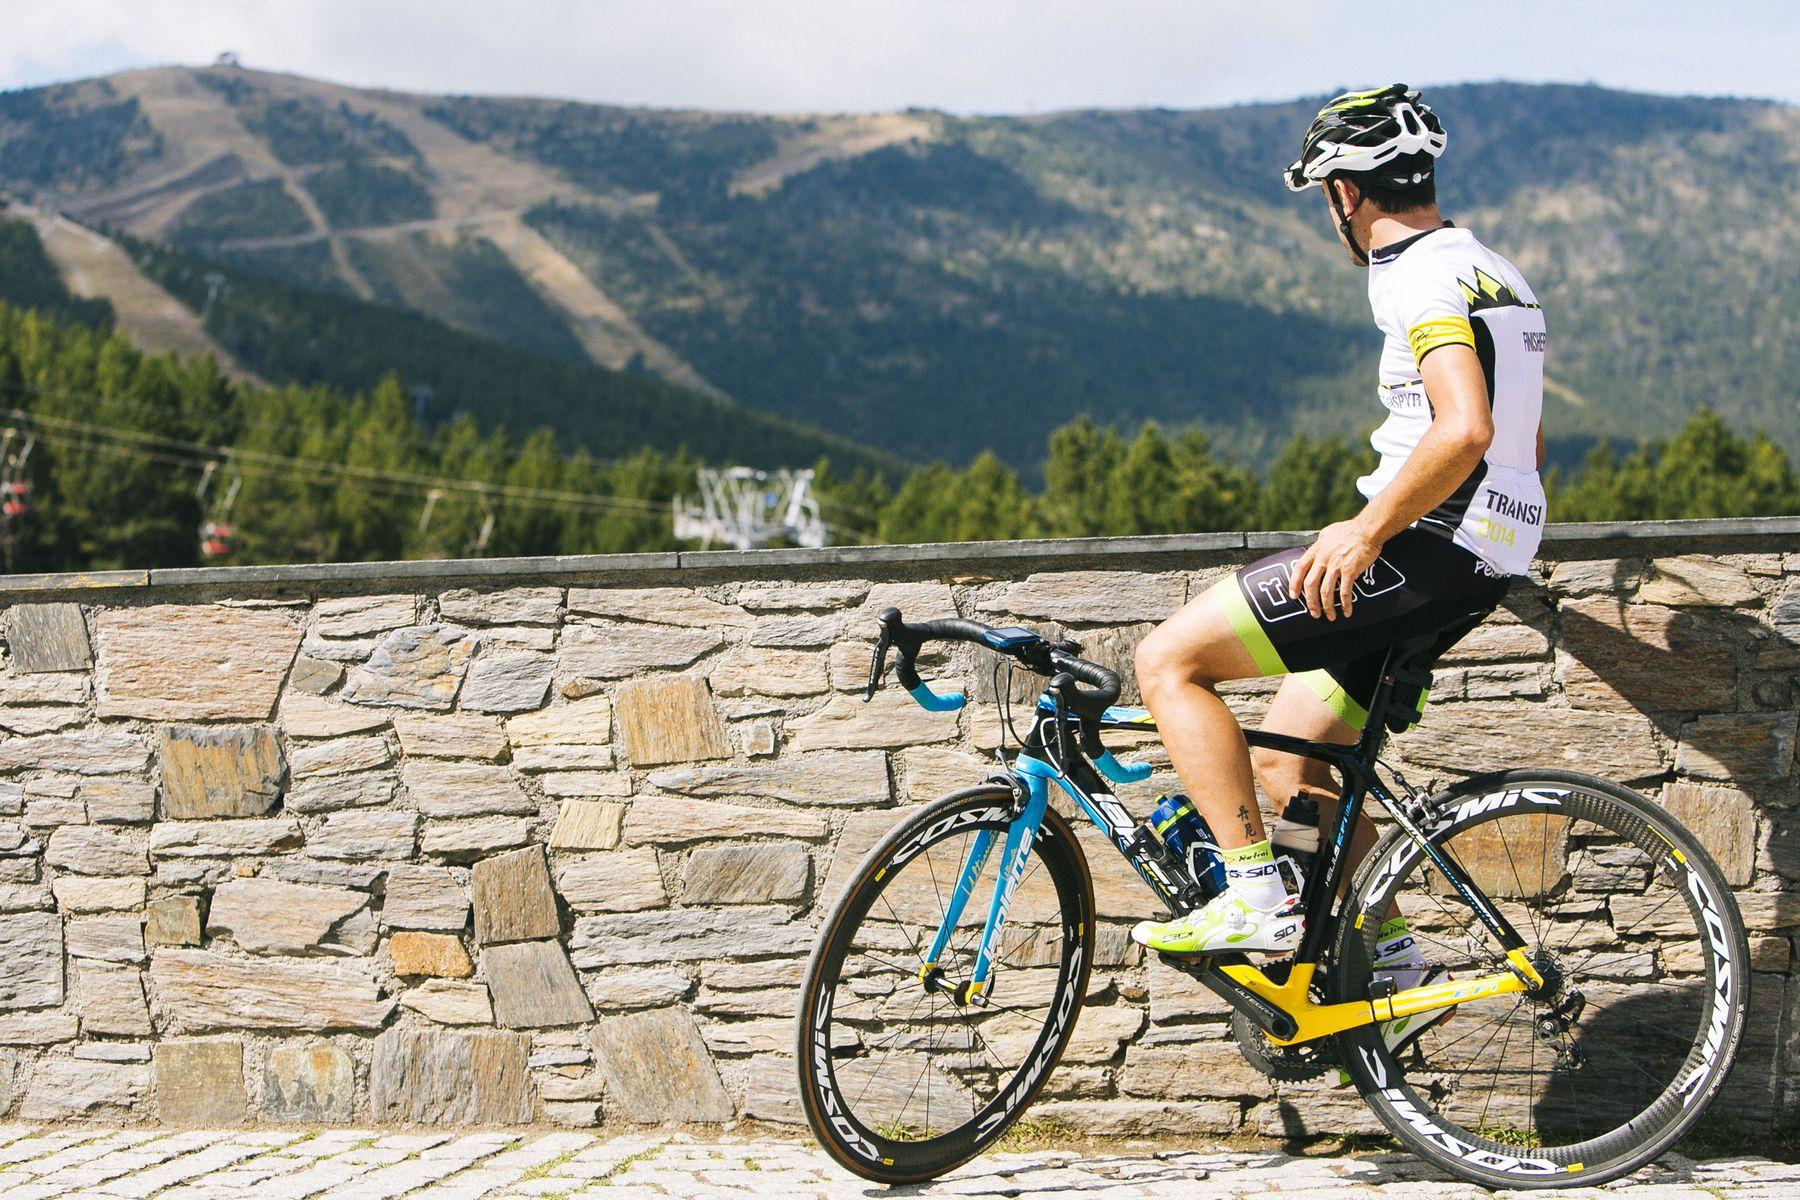 Andorra es un paraíso ciclista y biker total. Si ya es un destino excelente para carretera, con infinidad de puertos señalizados y etapa en Tour y Vuelta, en MTB no se queda corto. Bikeparks y competiciones del más alto nivel. Si te gusta la bicicleta Andorra es un campo de juego gigante.